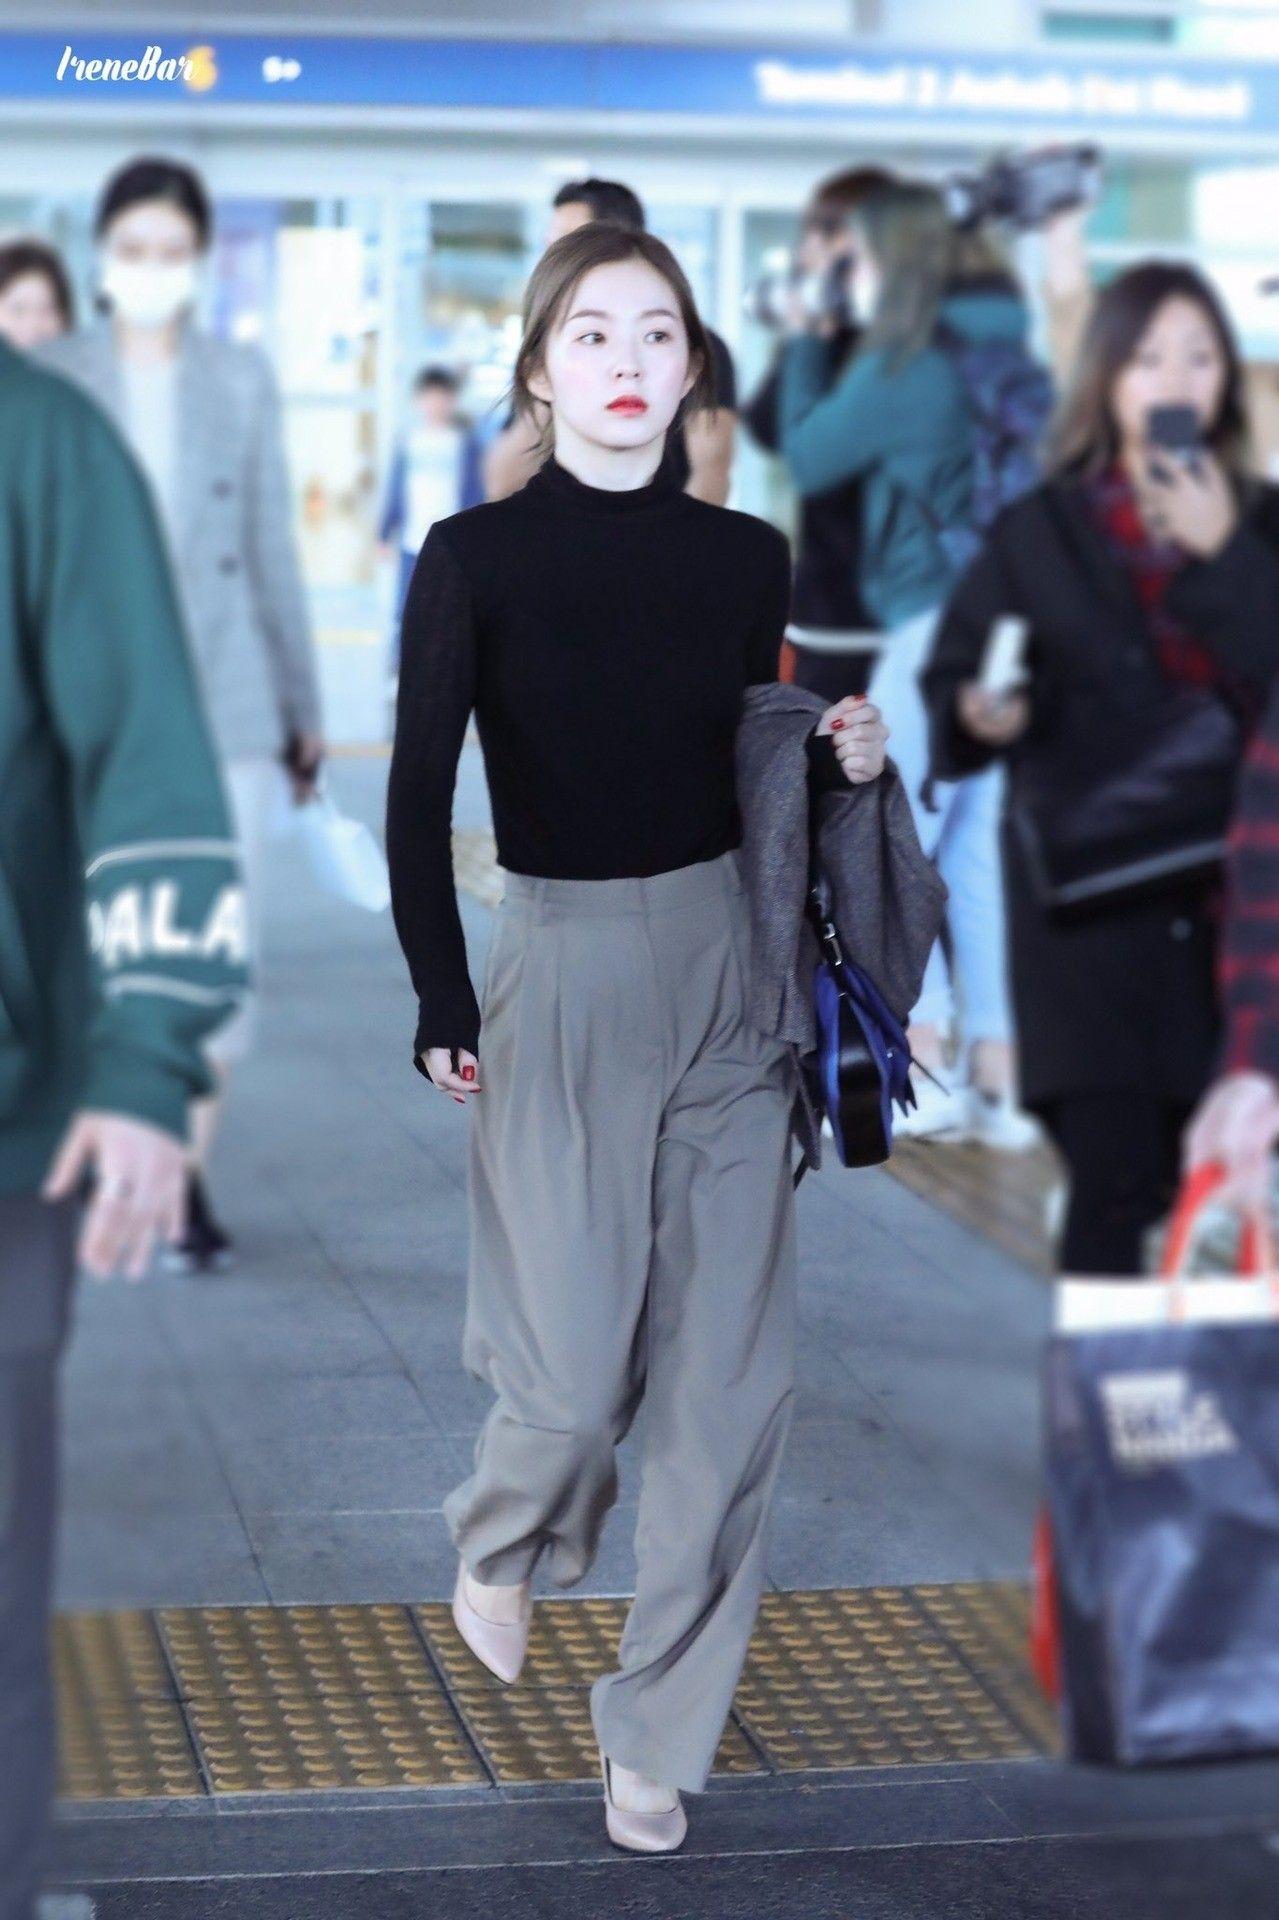 aa8e70d6ad8 Irene red velvet airport fashion   red velvet ❤ in 2019   Velvet ...